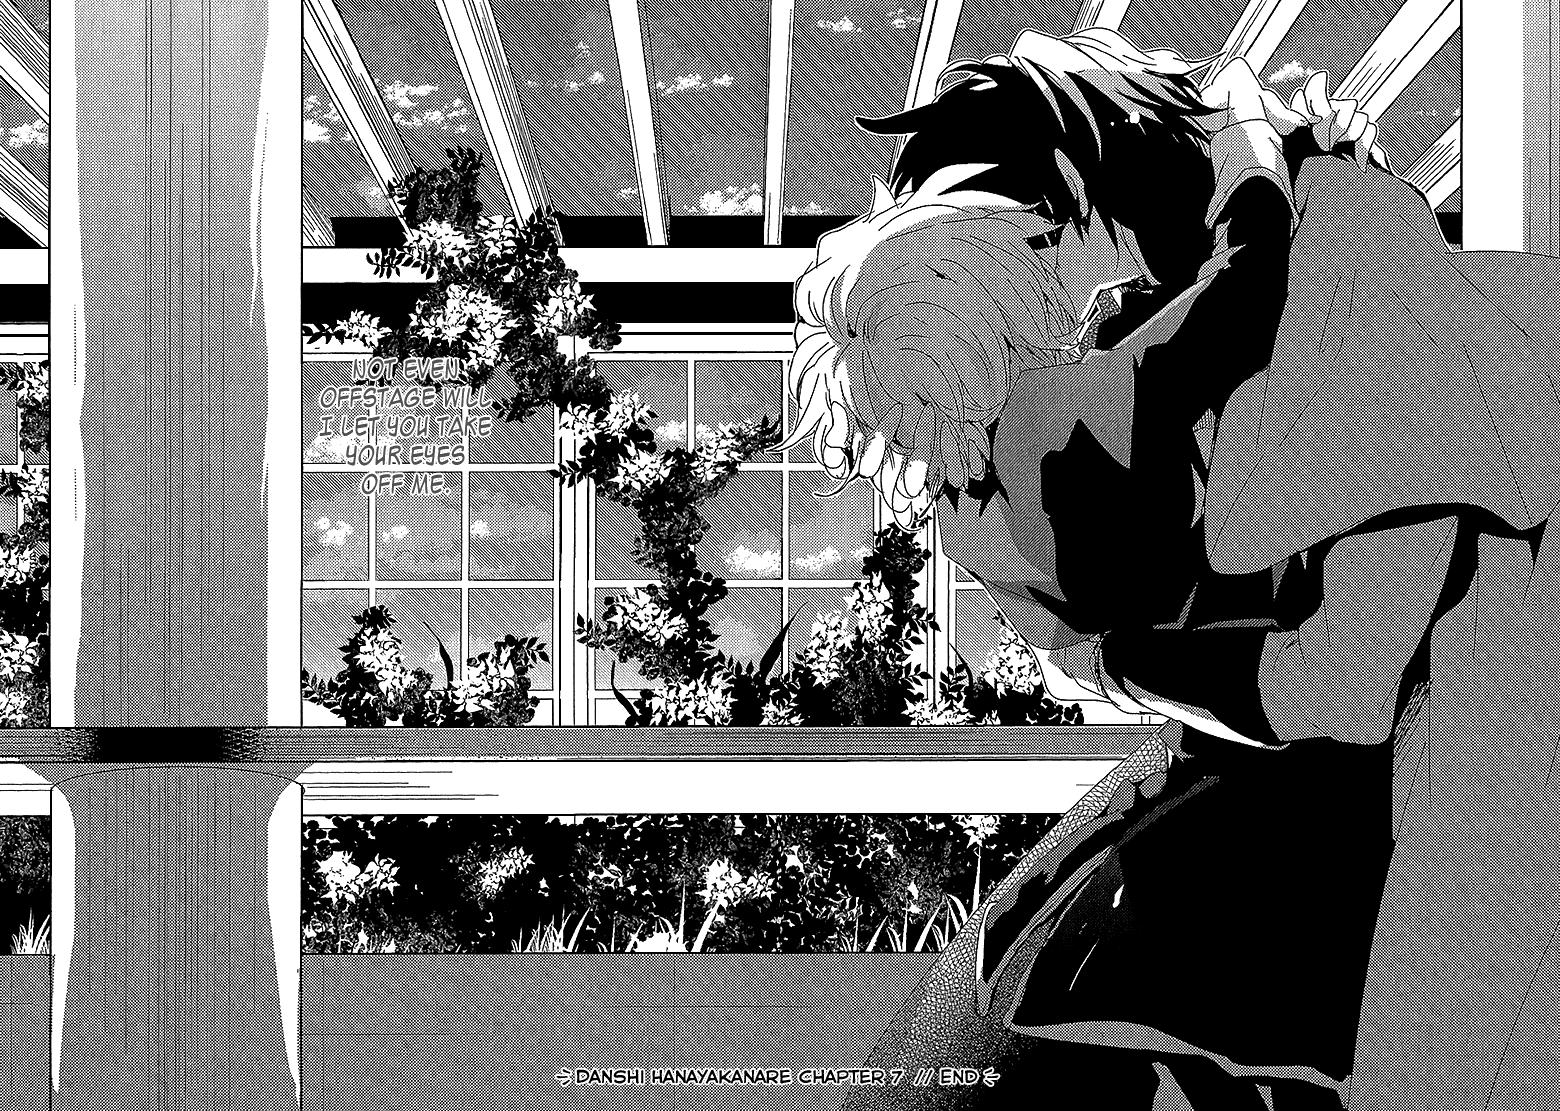 Danshi Hanayakanare - Chapter 7